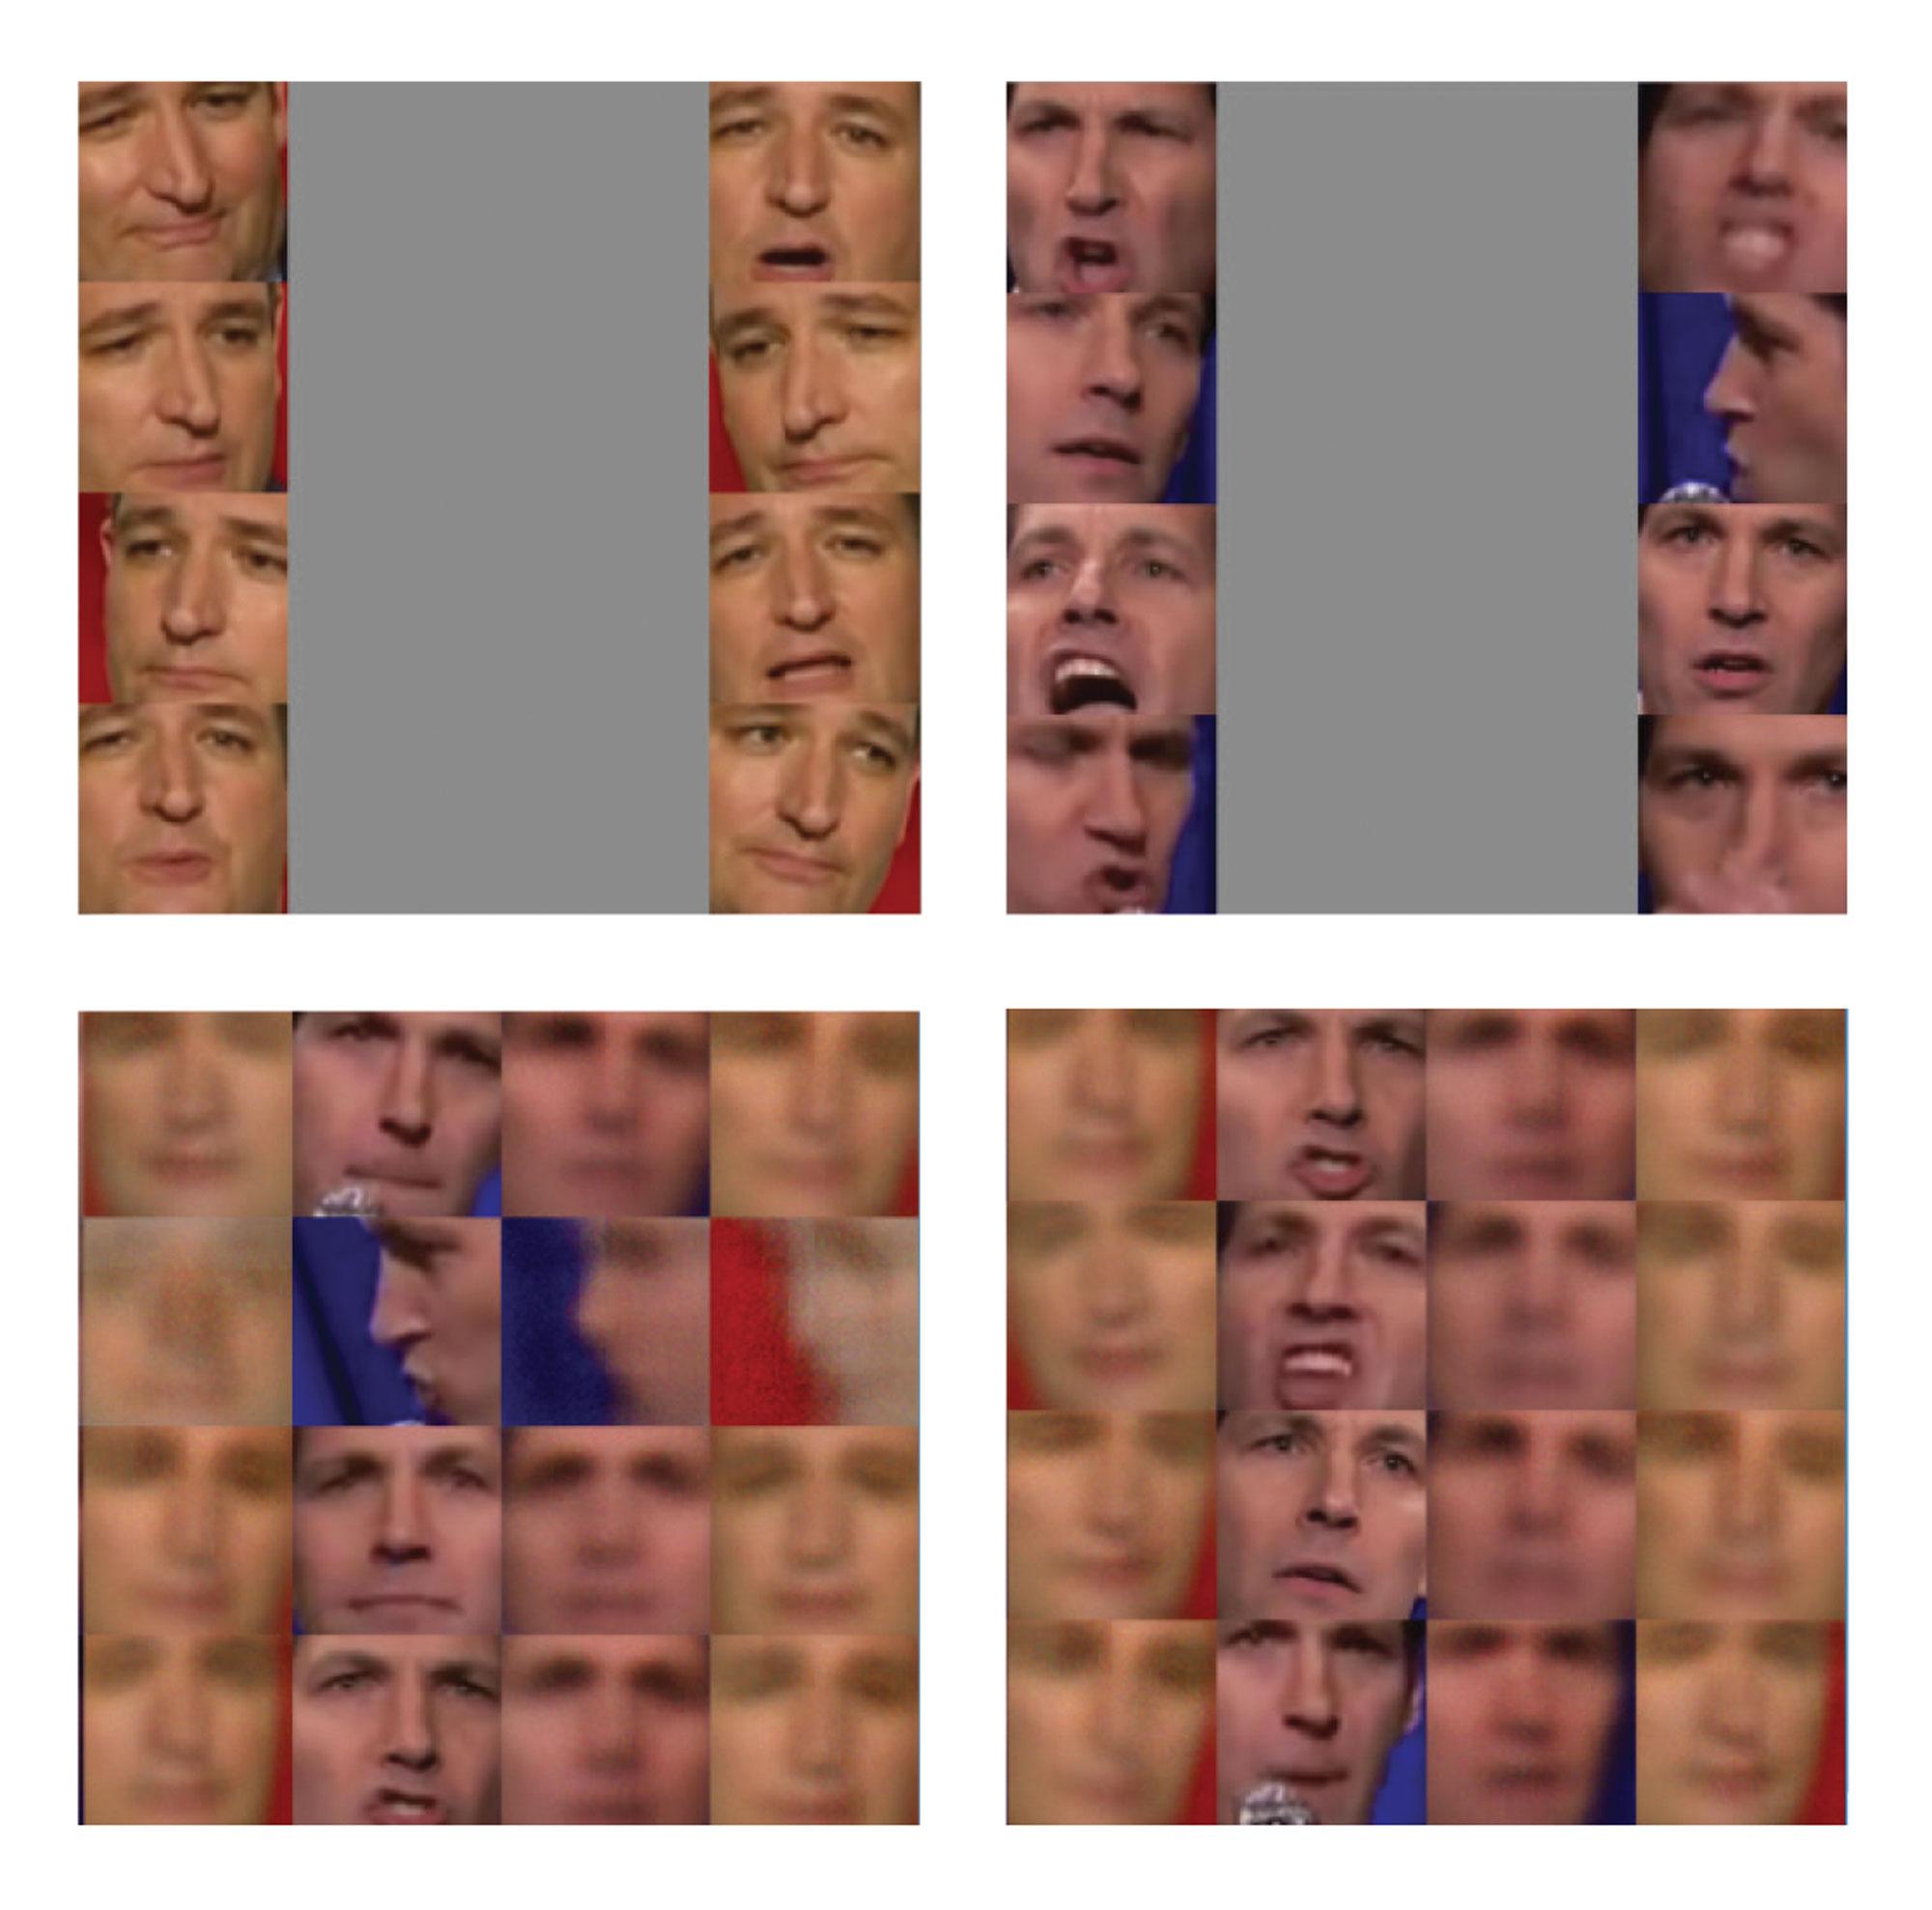 Izquierda: las vistas previas de OpenFaceSwap intentaron intercambios de caras durante el entrenamiento. Los primeros intentos a menudo pueden ser un poco extraños y grotescos. <br> <br> Derecha: El software tarda varias horas en producir un buen intercambio de rostros. Cuantos más datos de entrenamiento, mejor será el resultado final.